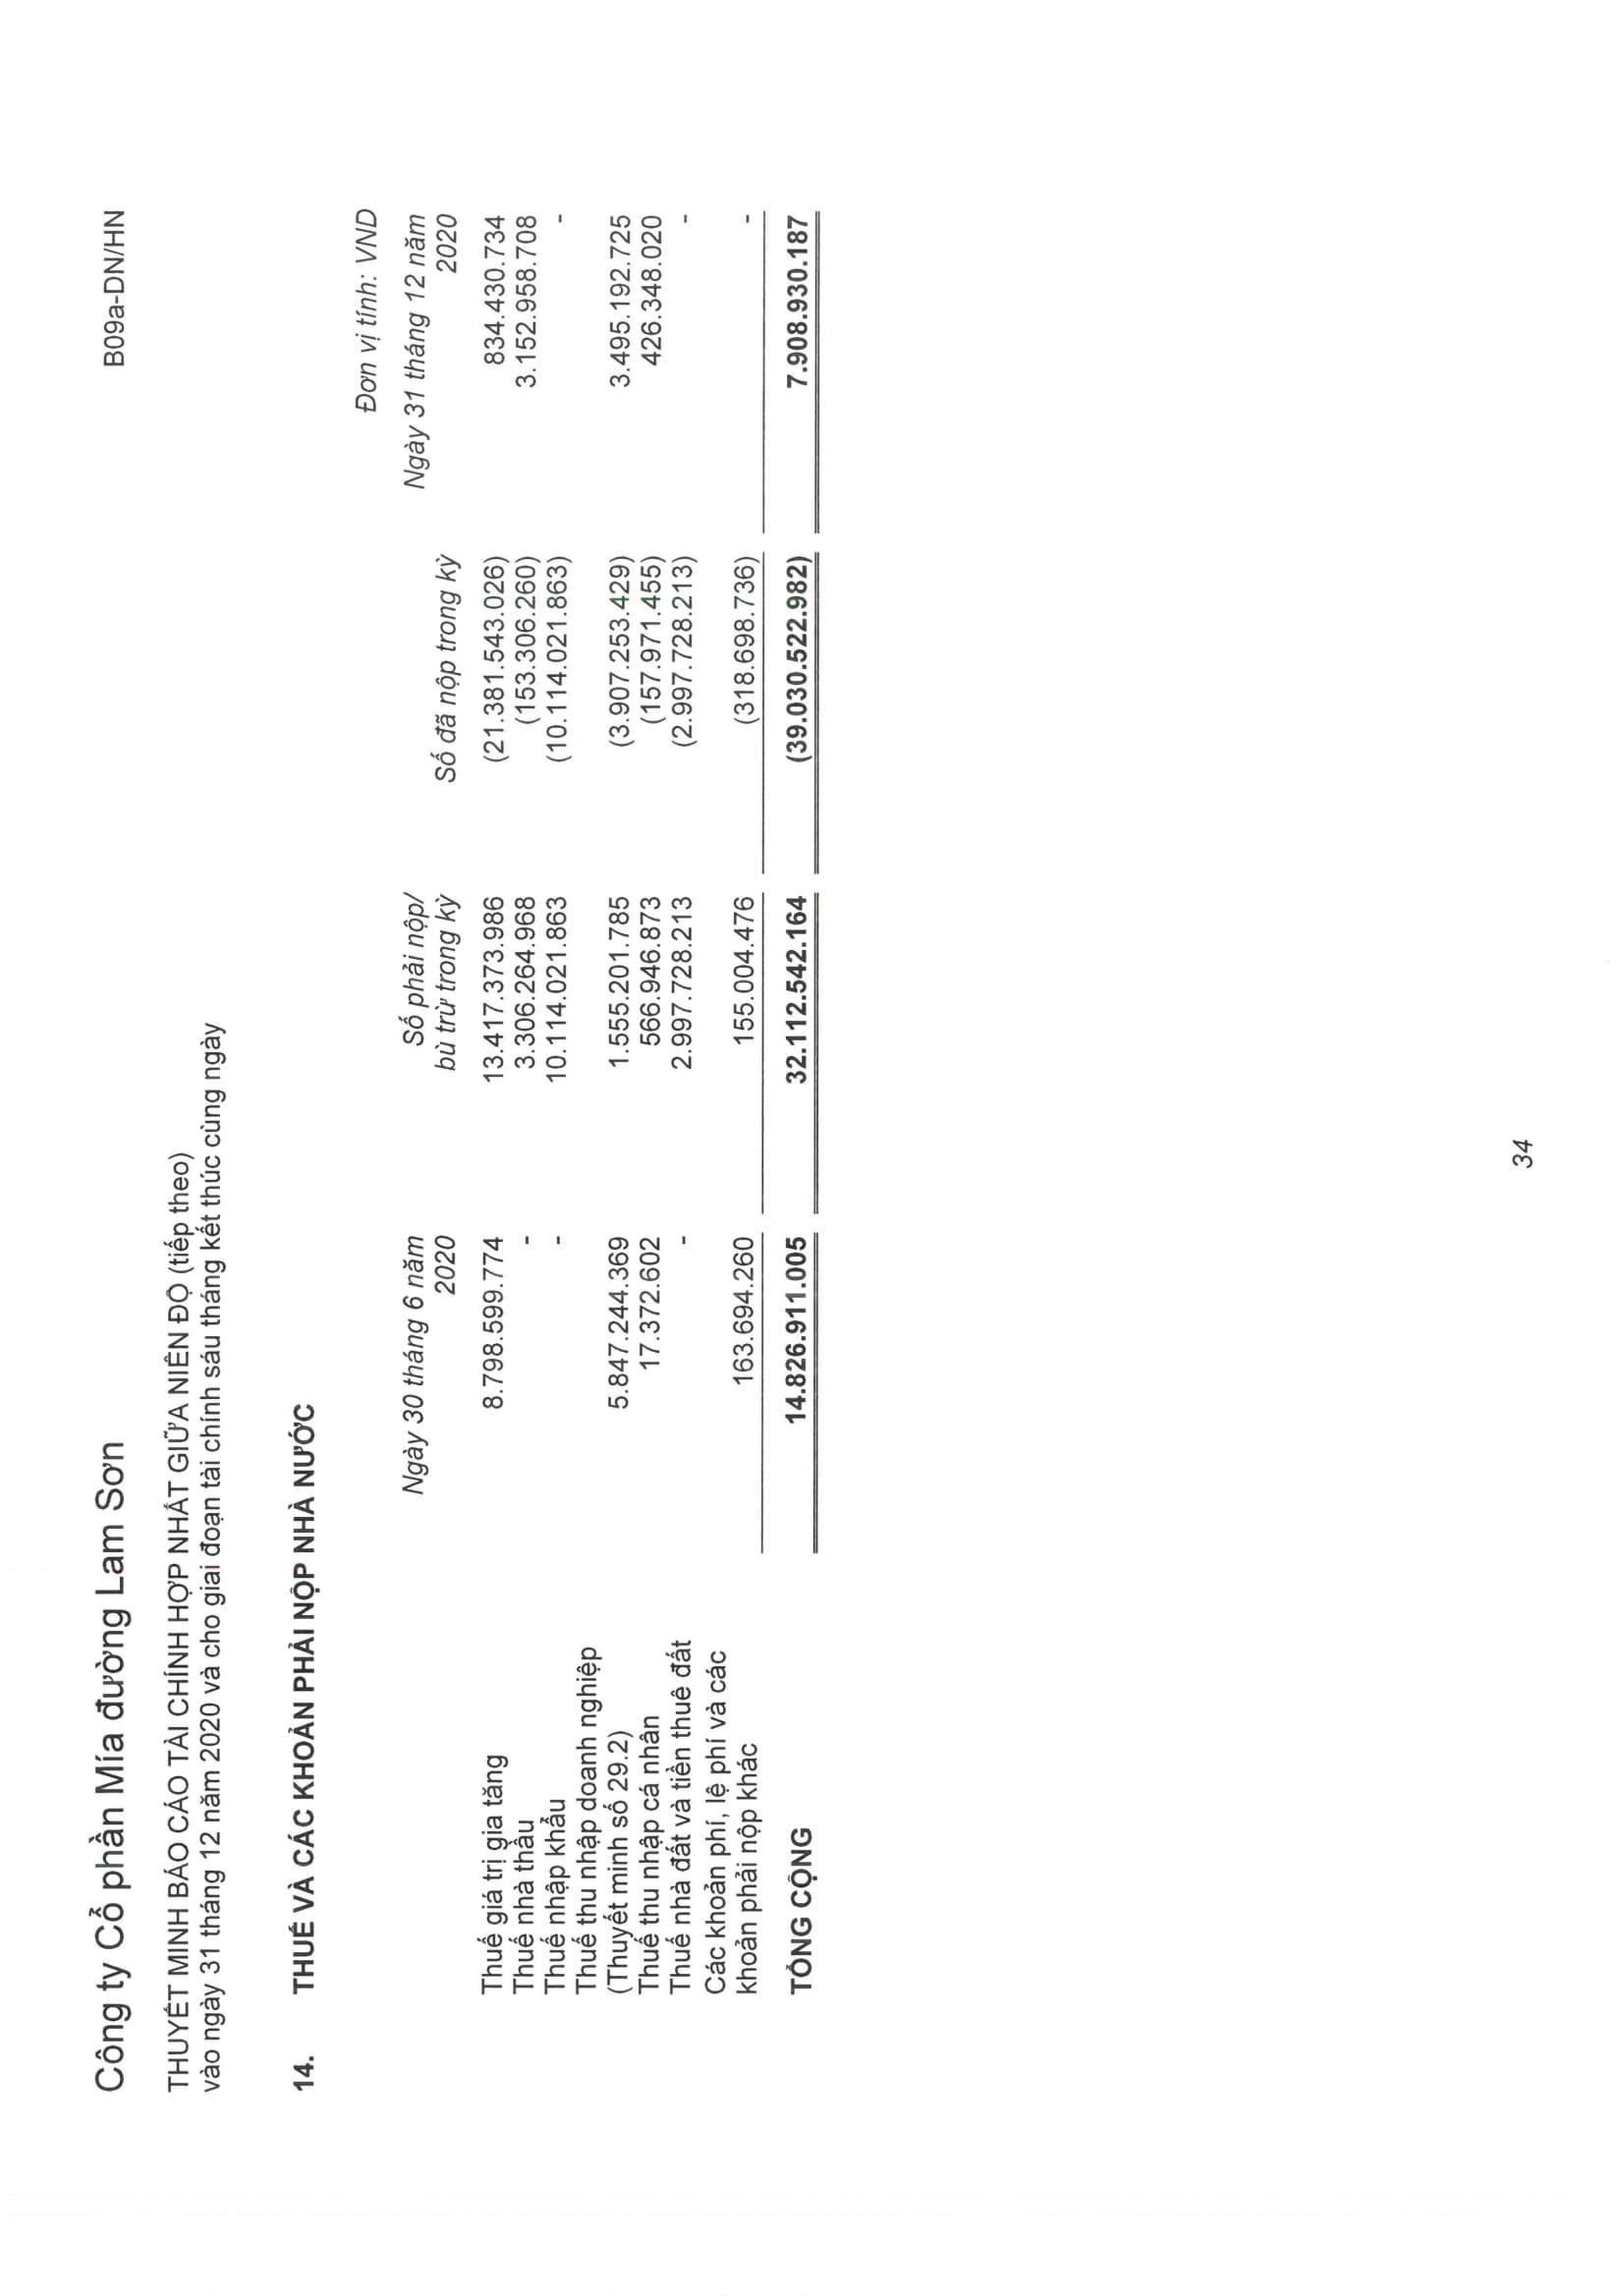 BCTC hợp nhất 31.12.2020-36